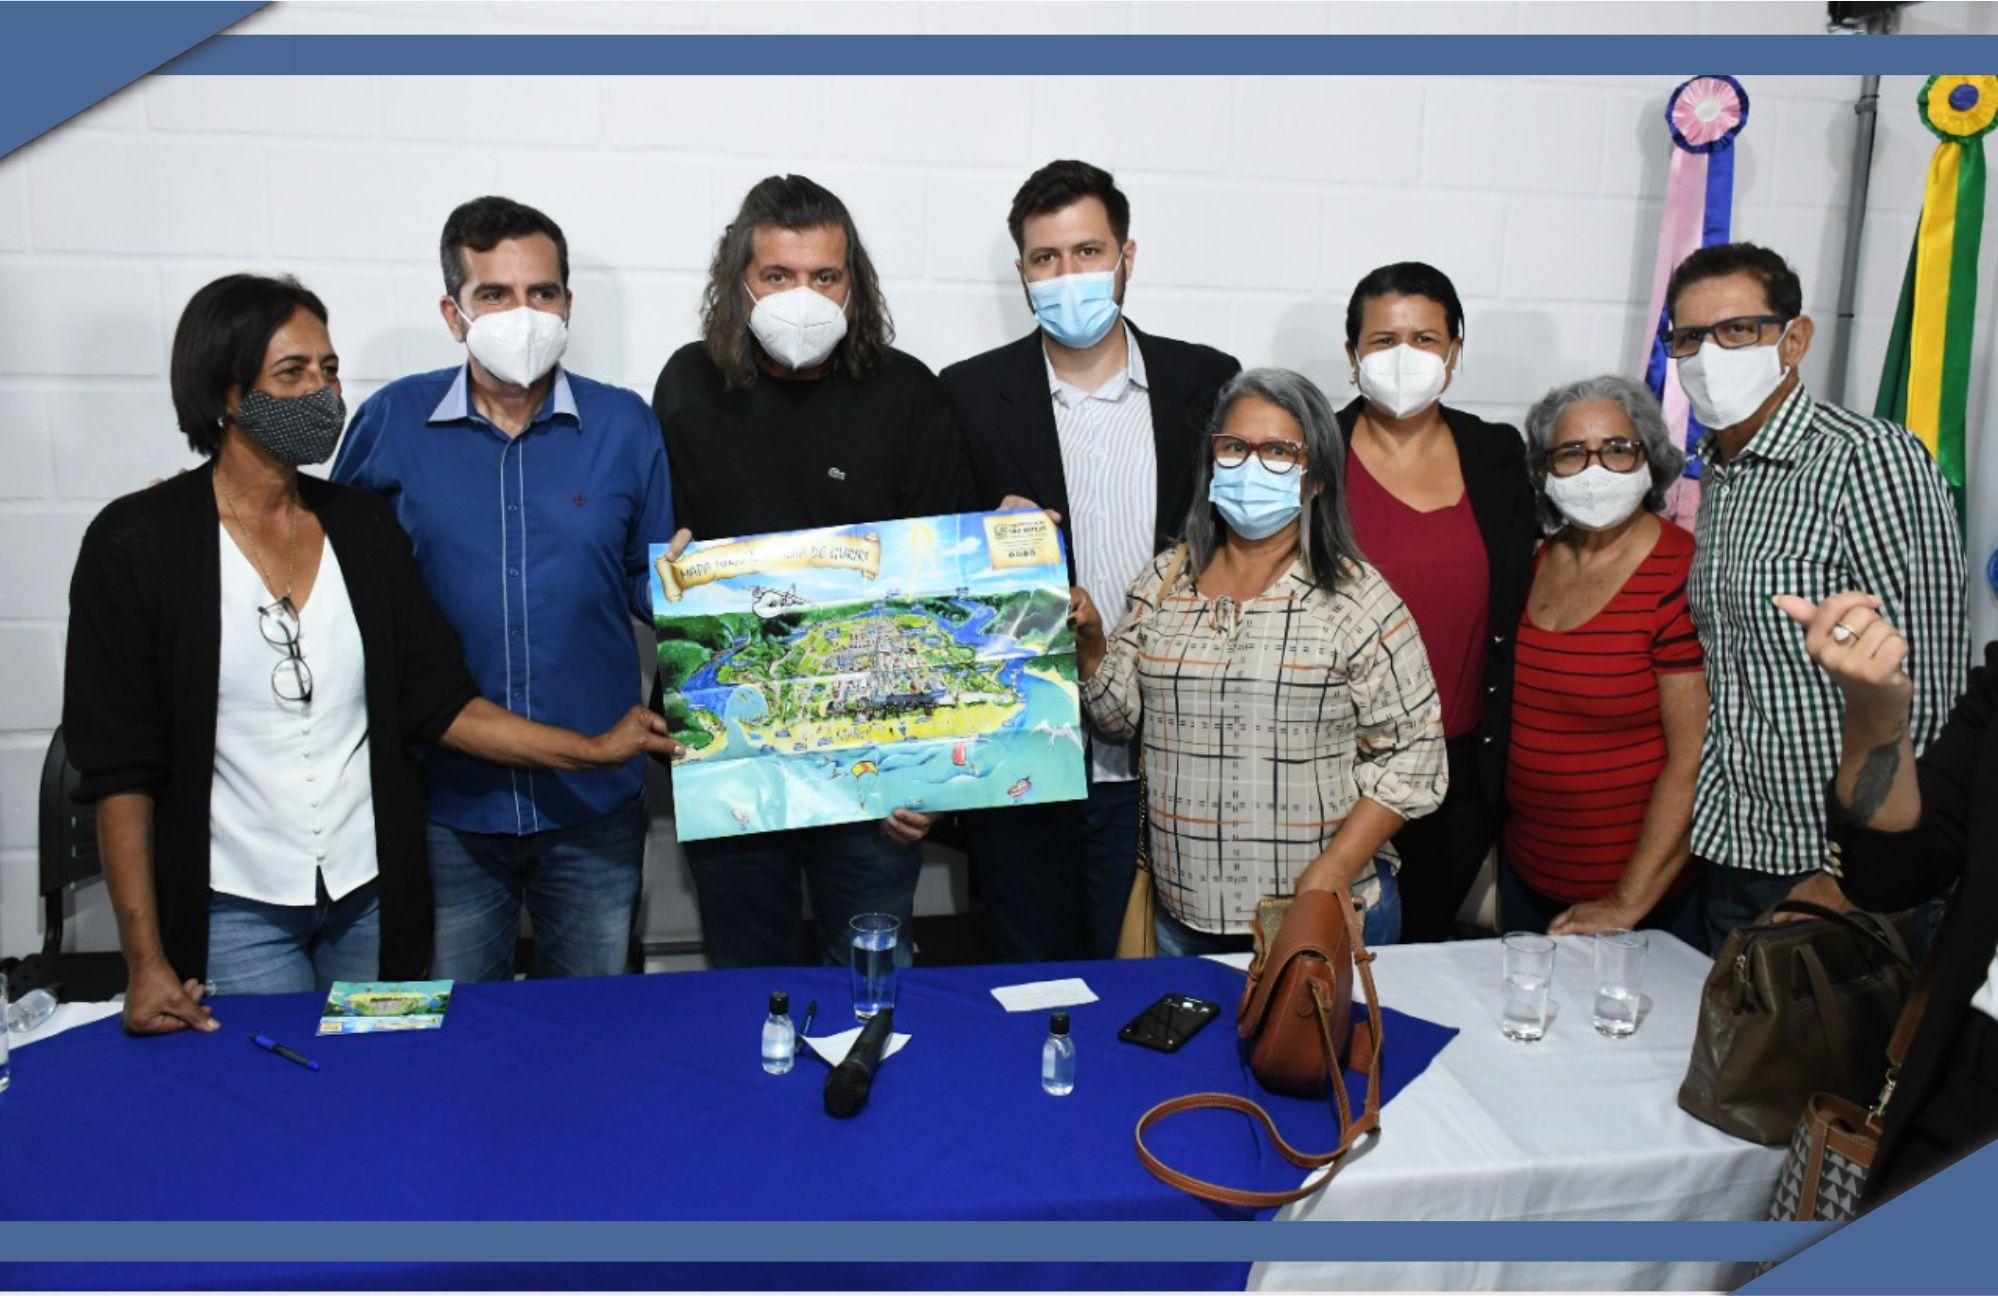 PREFEITURA DE SÃO MATEUS E DETRAN ASSINAM ORDEM DE SERVIÇO PARA IMPLANTAÇÃO E MANUTENÇÃO DE SINALIZAÇÃO EM GURIRI